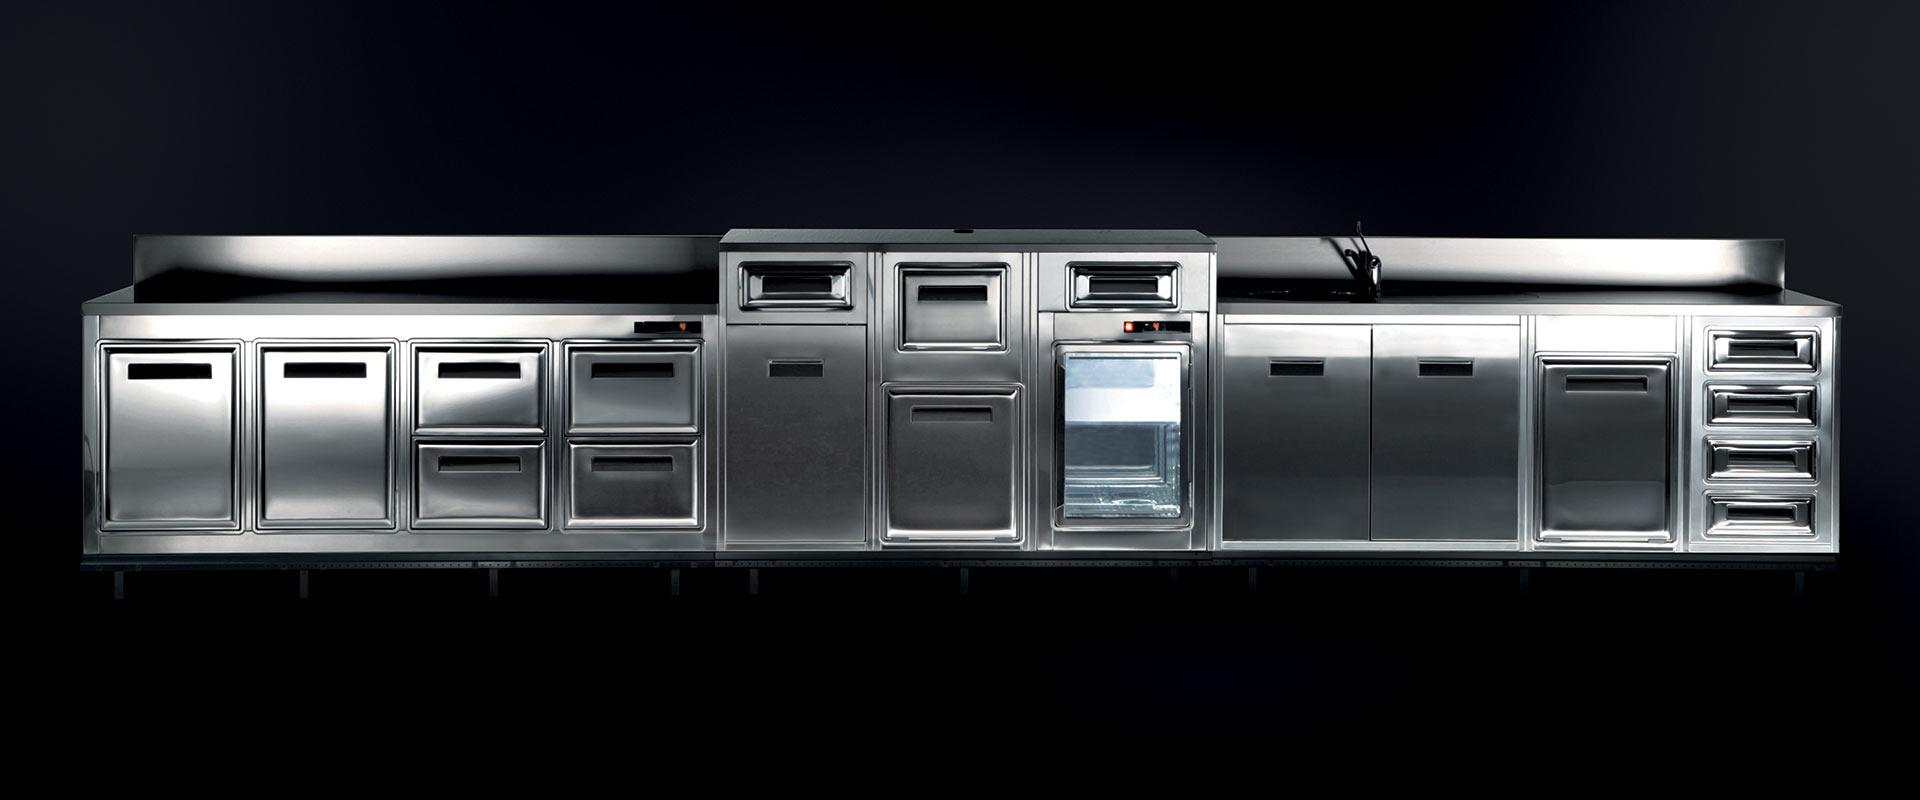 Banchi bar e retro banchi refrigerati brx for Banchi bar e arredamenti completi